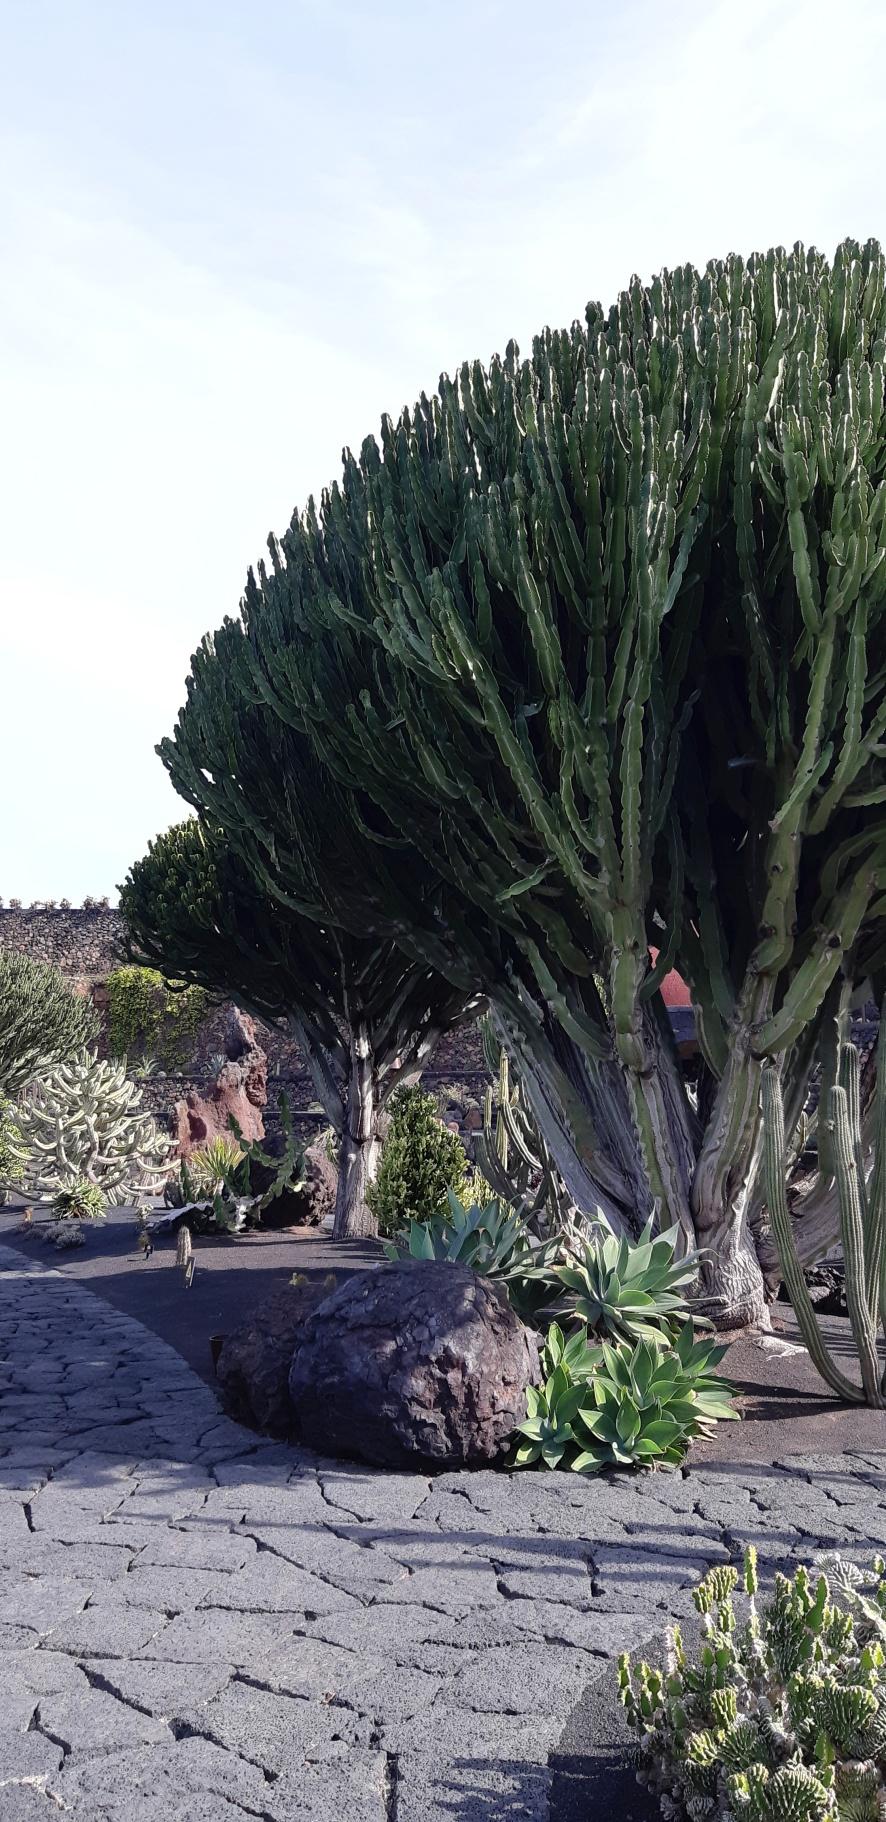 Lanzarote _ Jardin de Cactus_7.jpeg